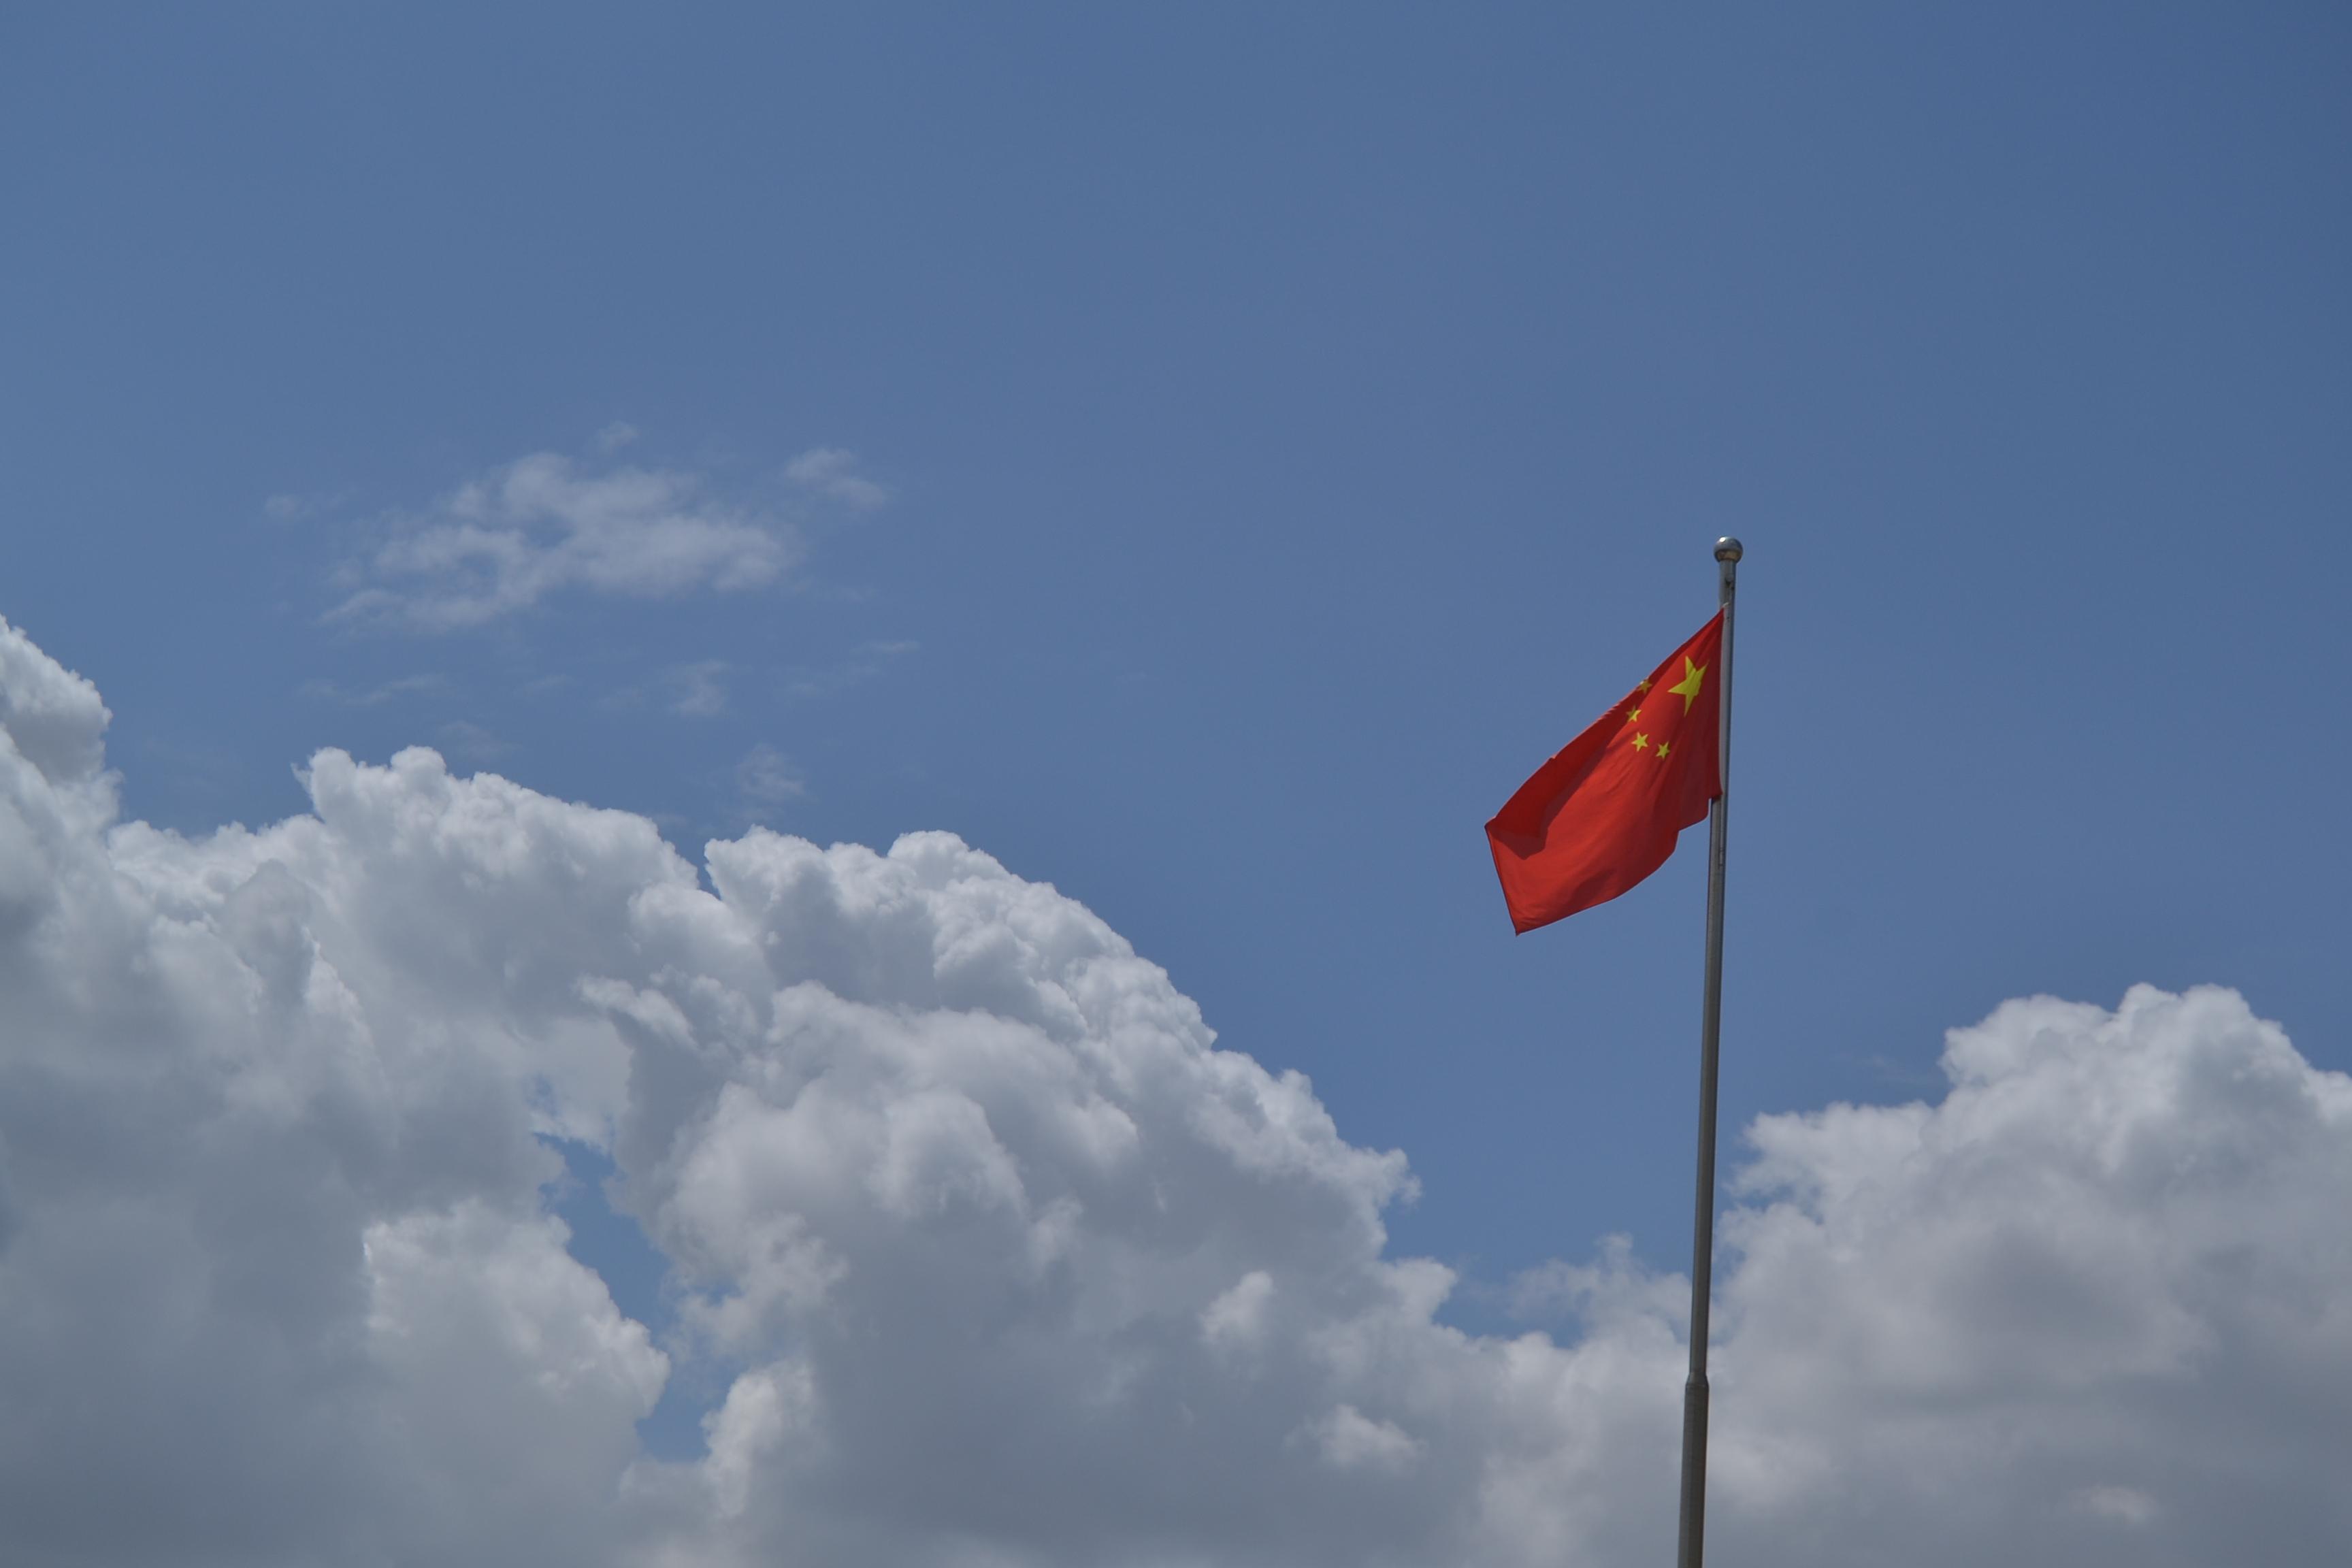 蔚蓝的天空,红旗飘飘